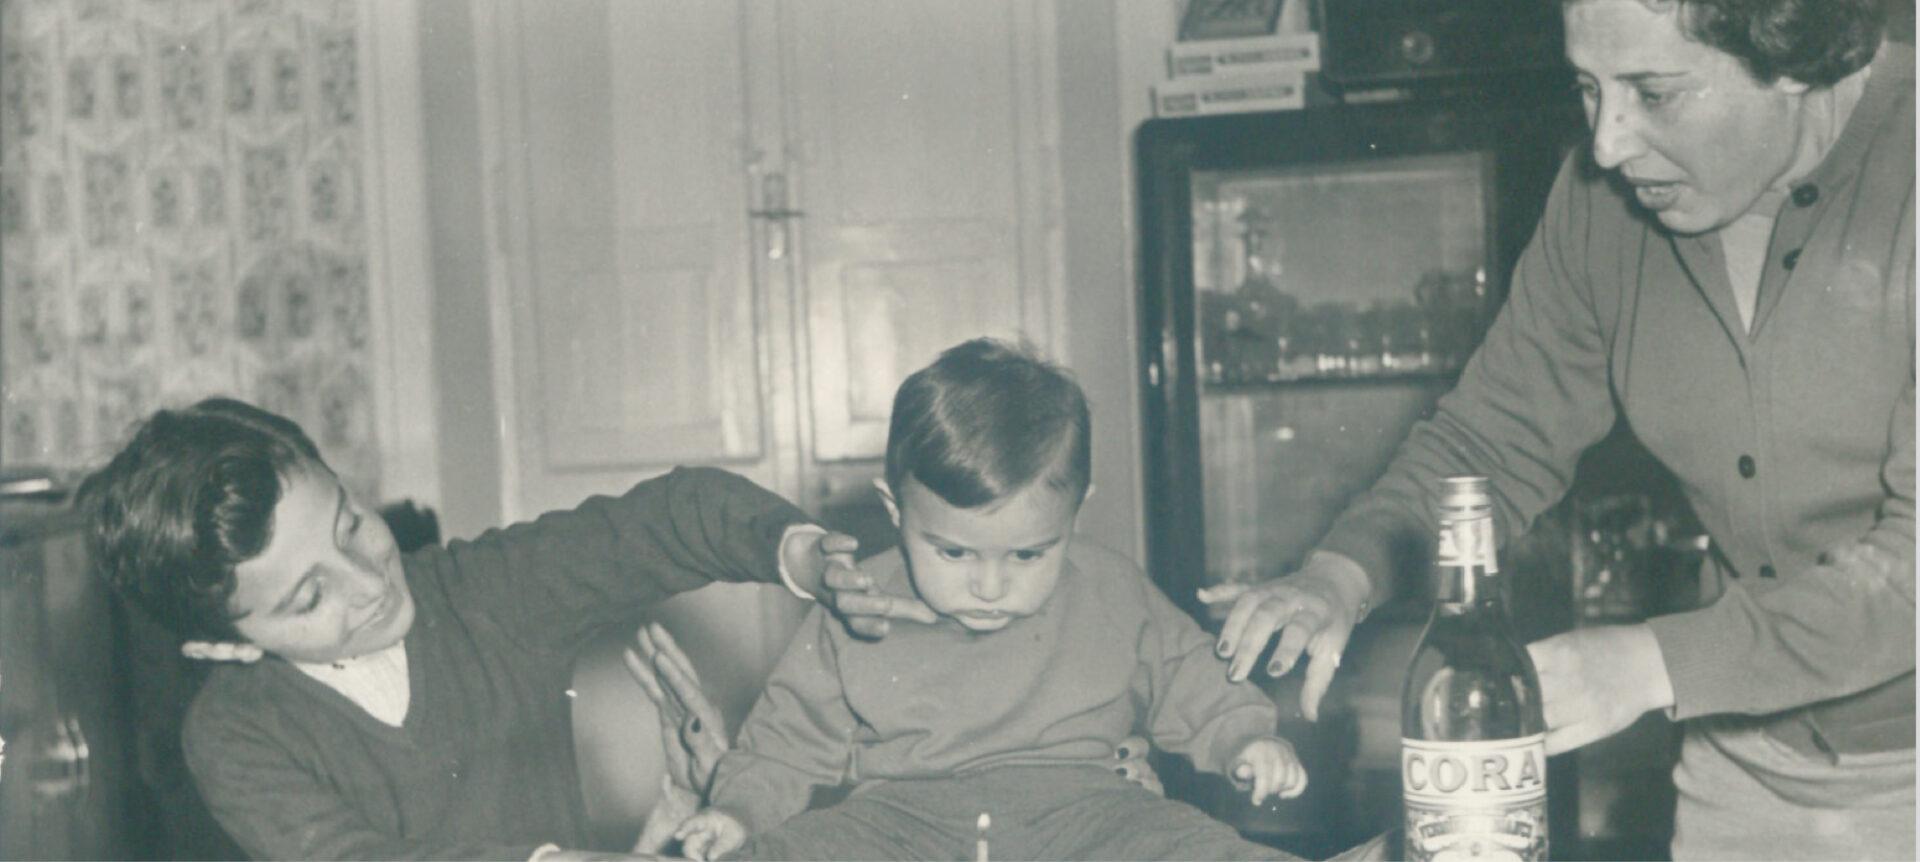 Compleanno bambino anni 60 - Cittamoderna